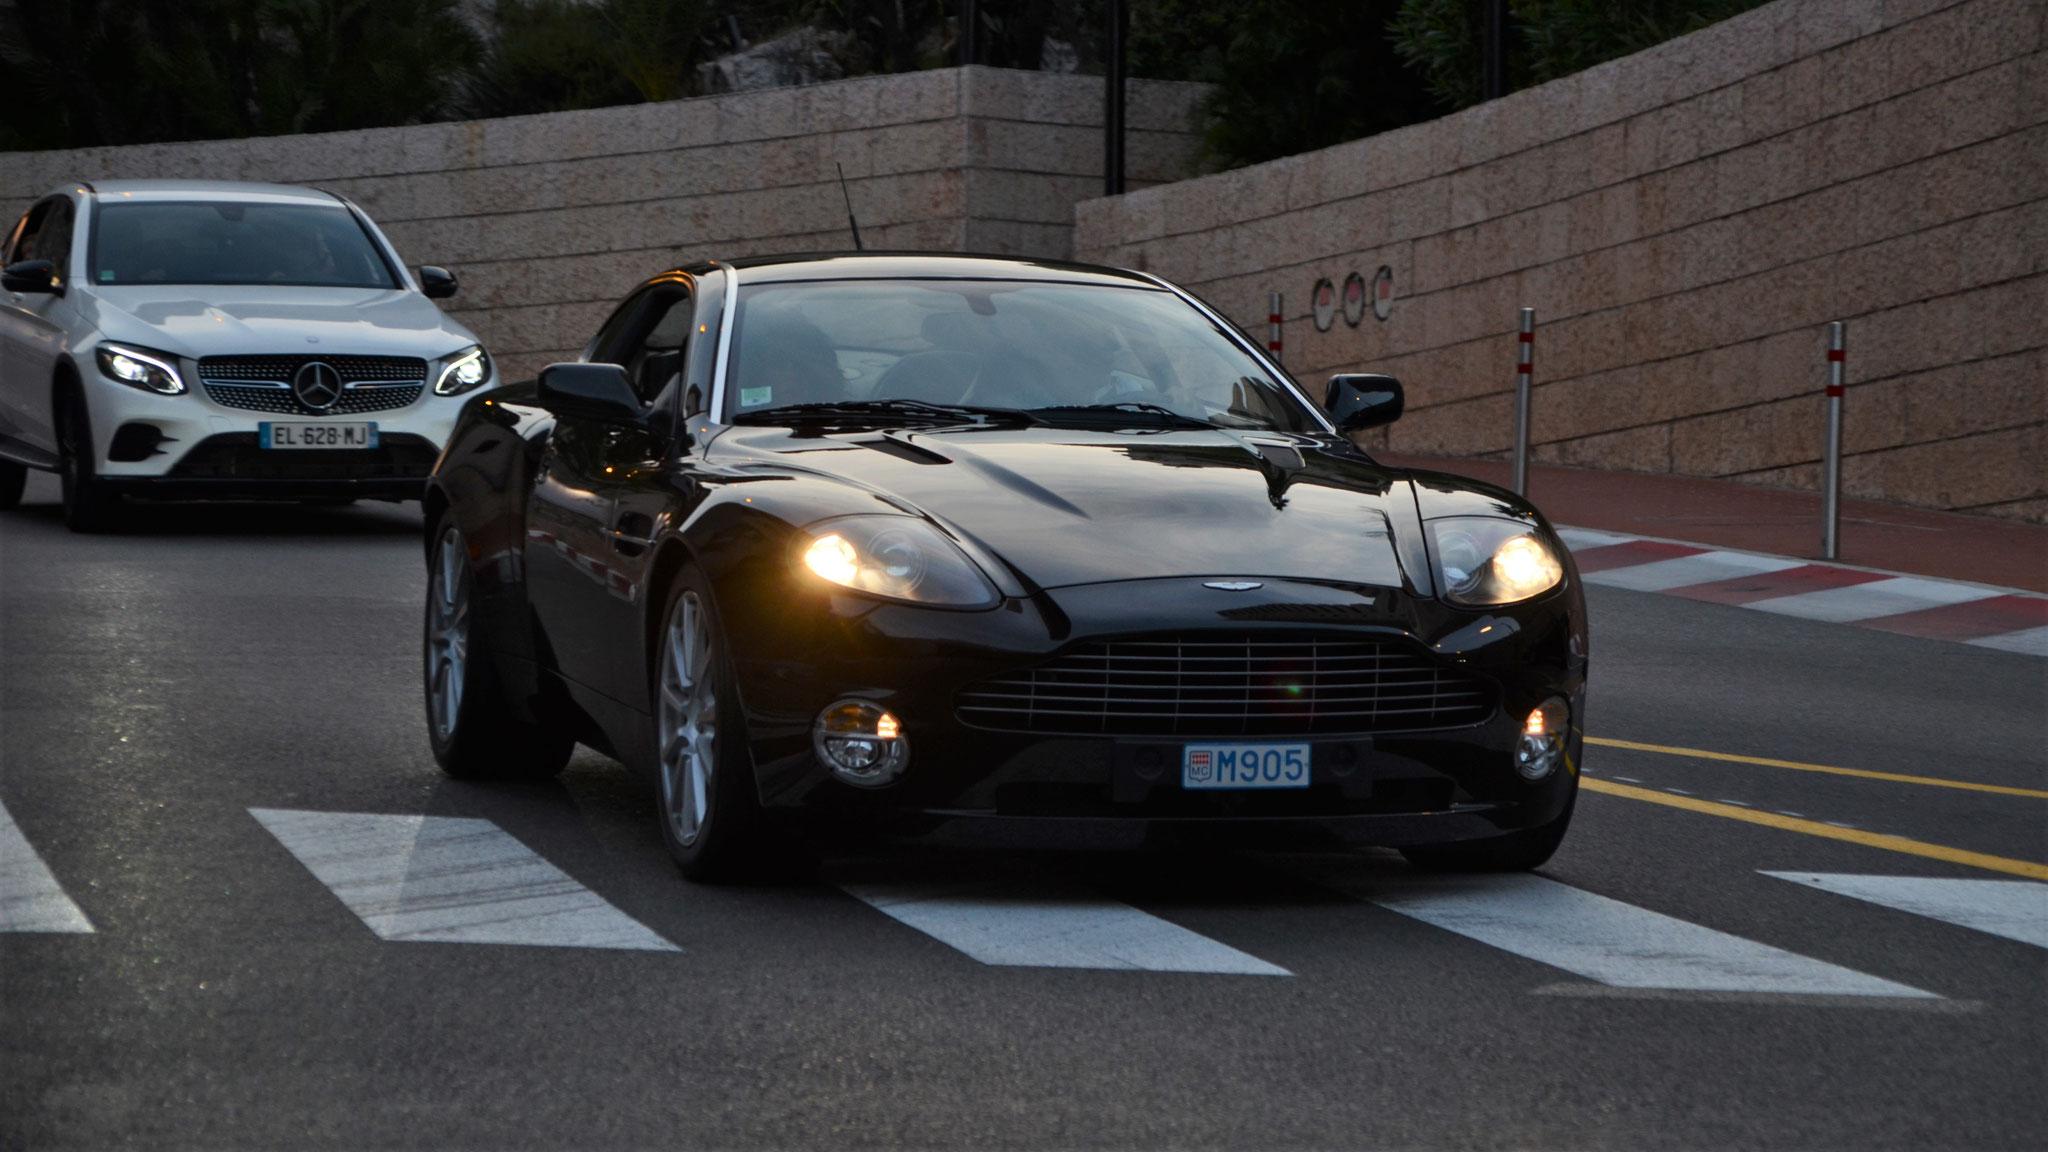 Aston Martin V12 Vanquish - M905 (MC)